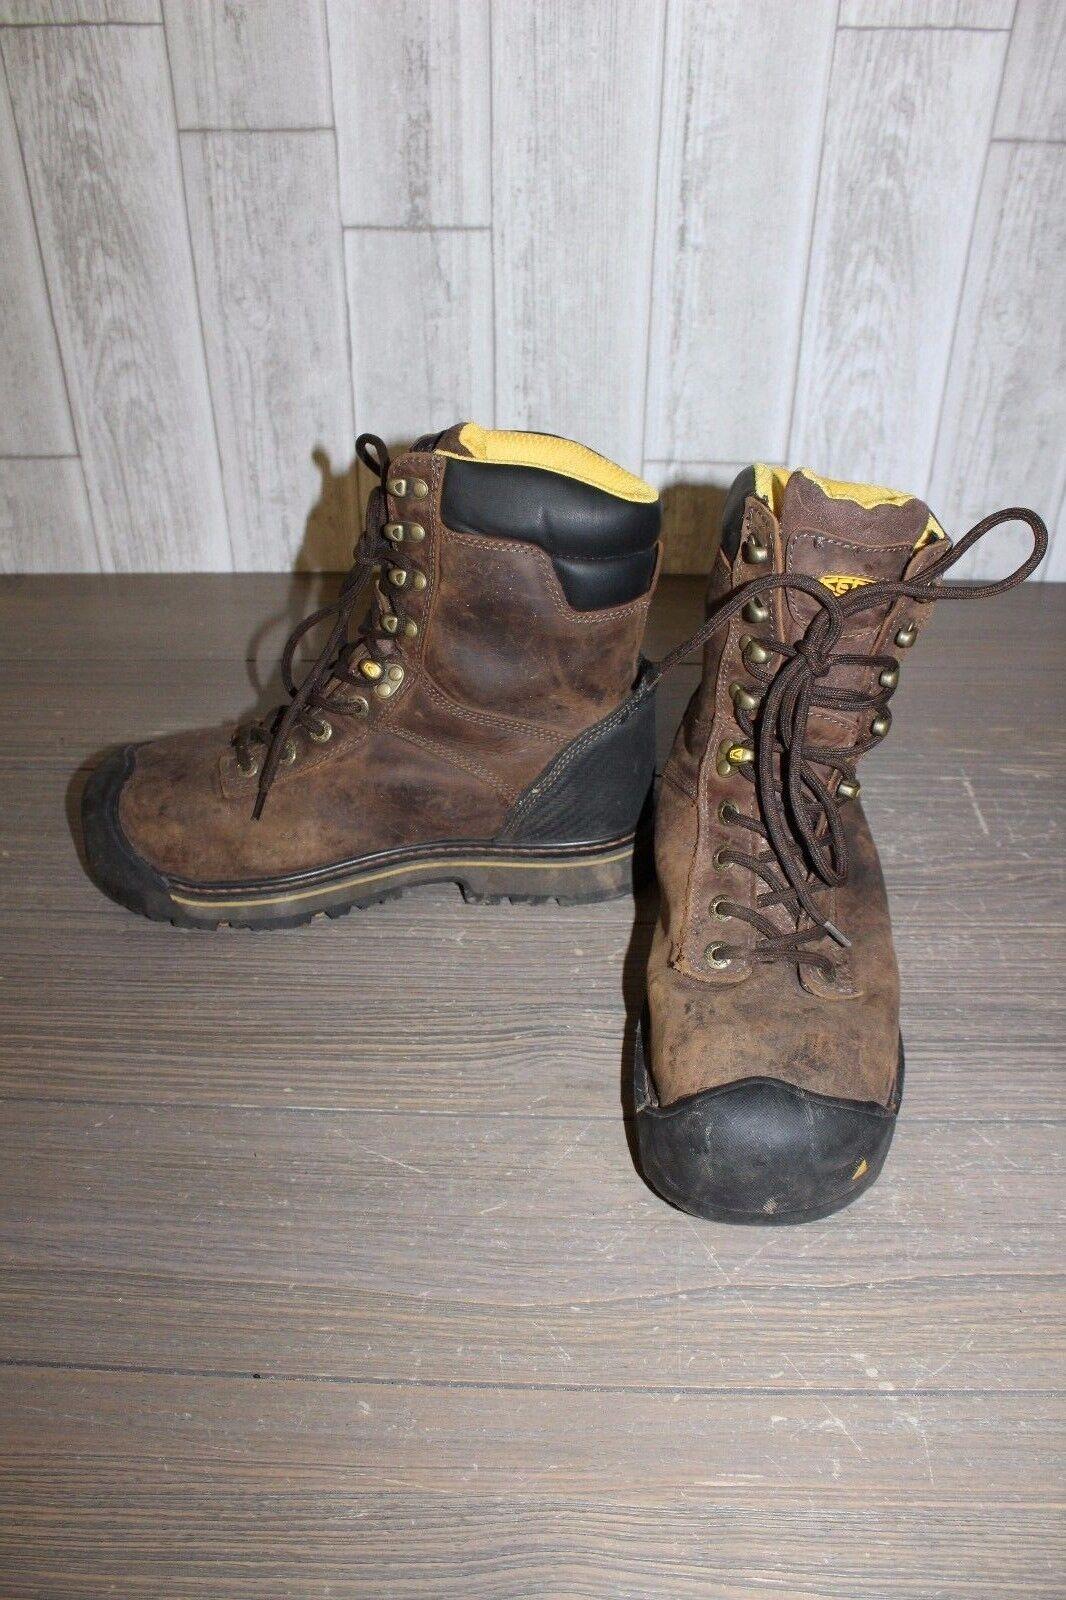 Keen Wenatchee 8  Steel Toe Waterproof Work Boot - Men's Size 10 - Brown Repair